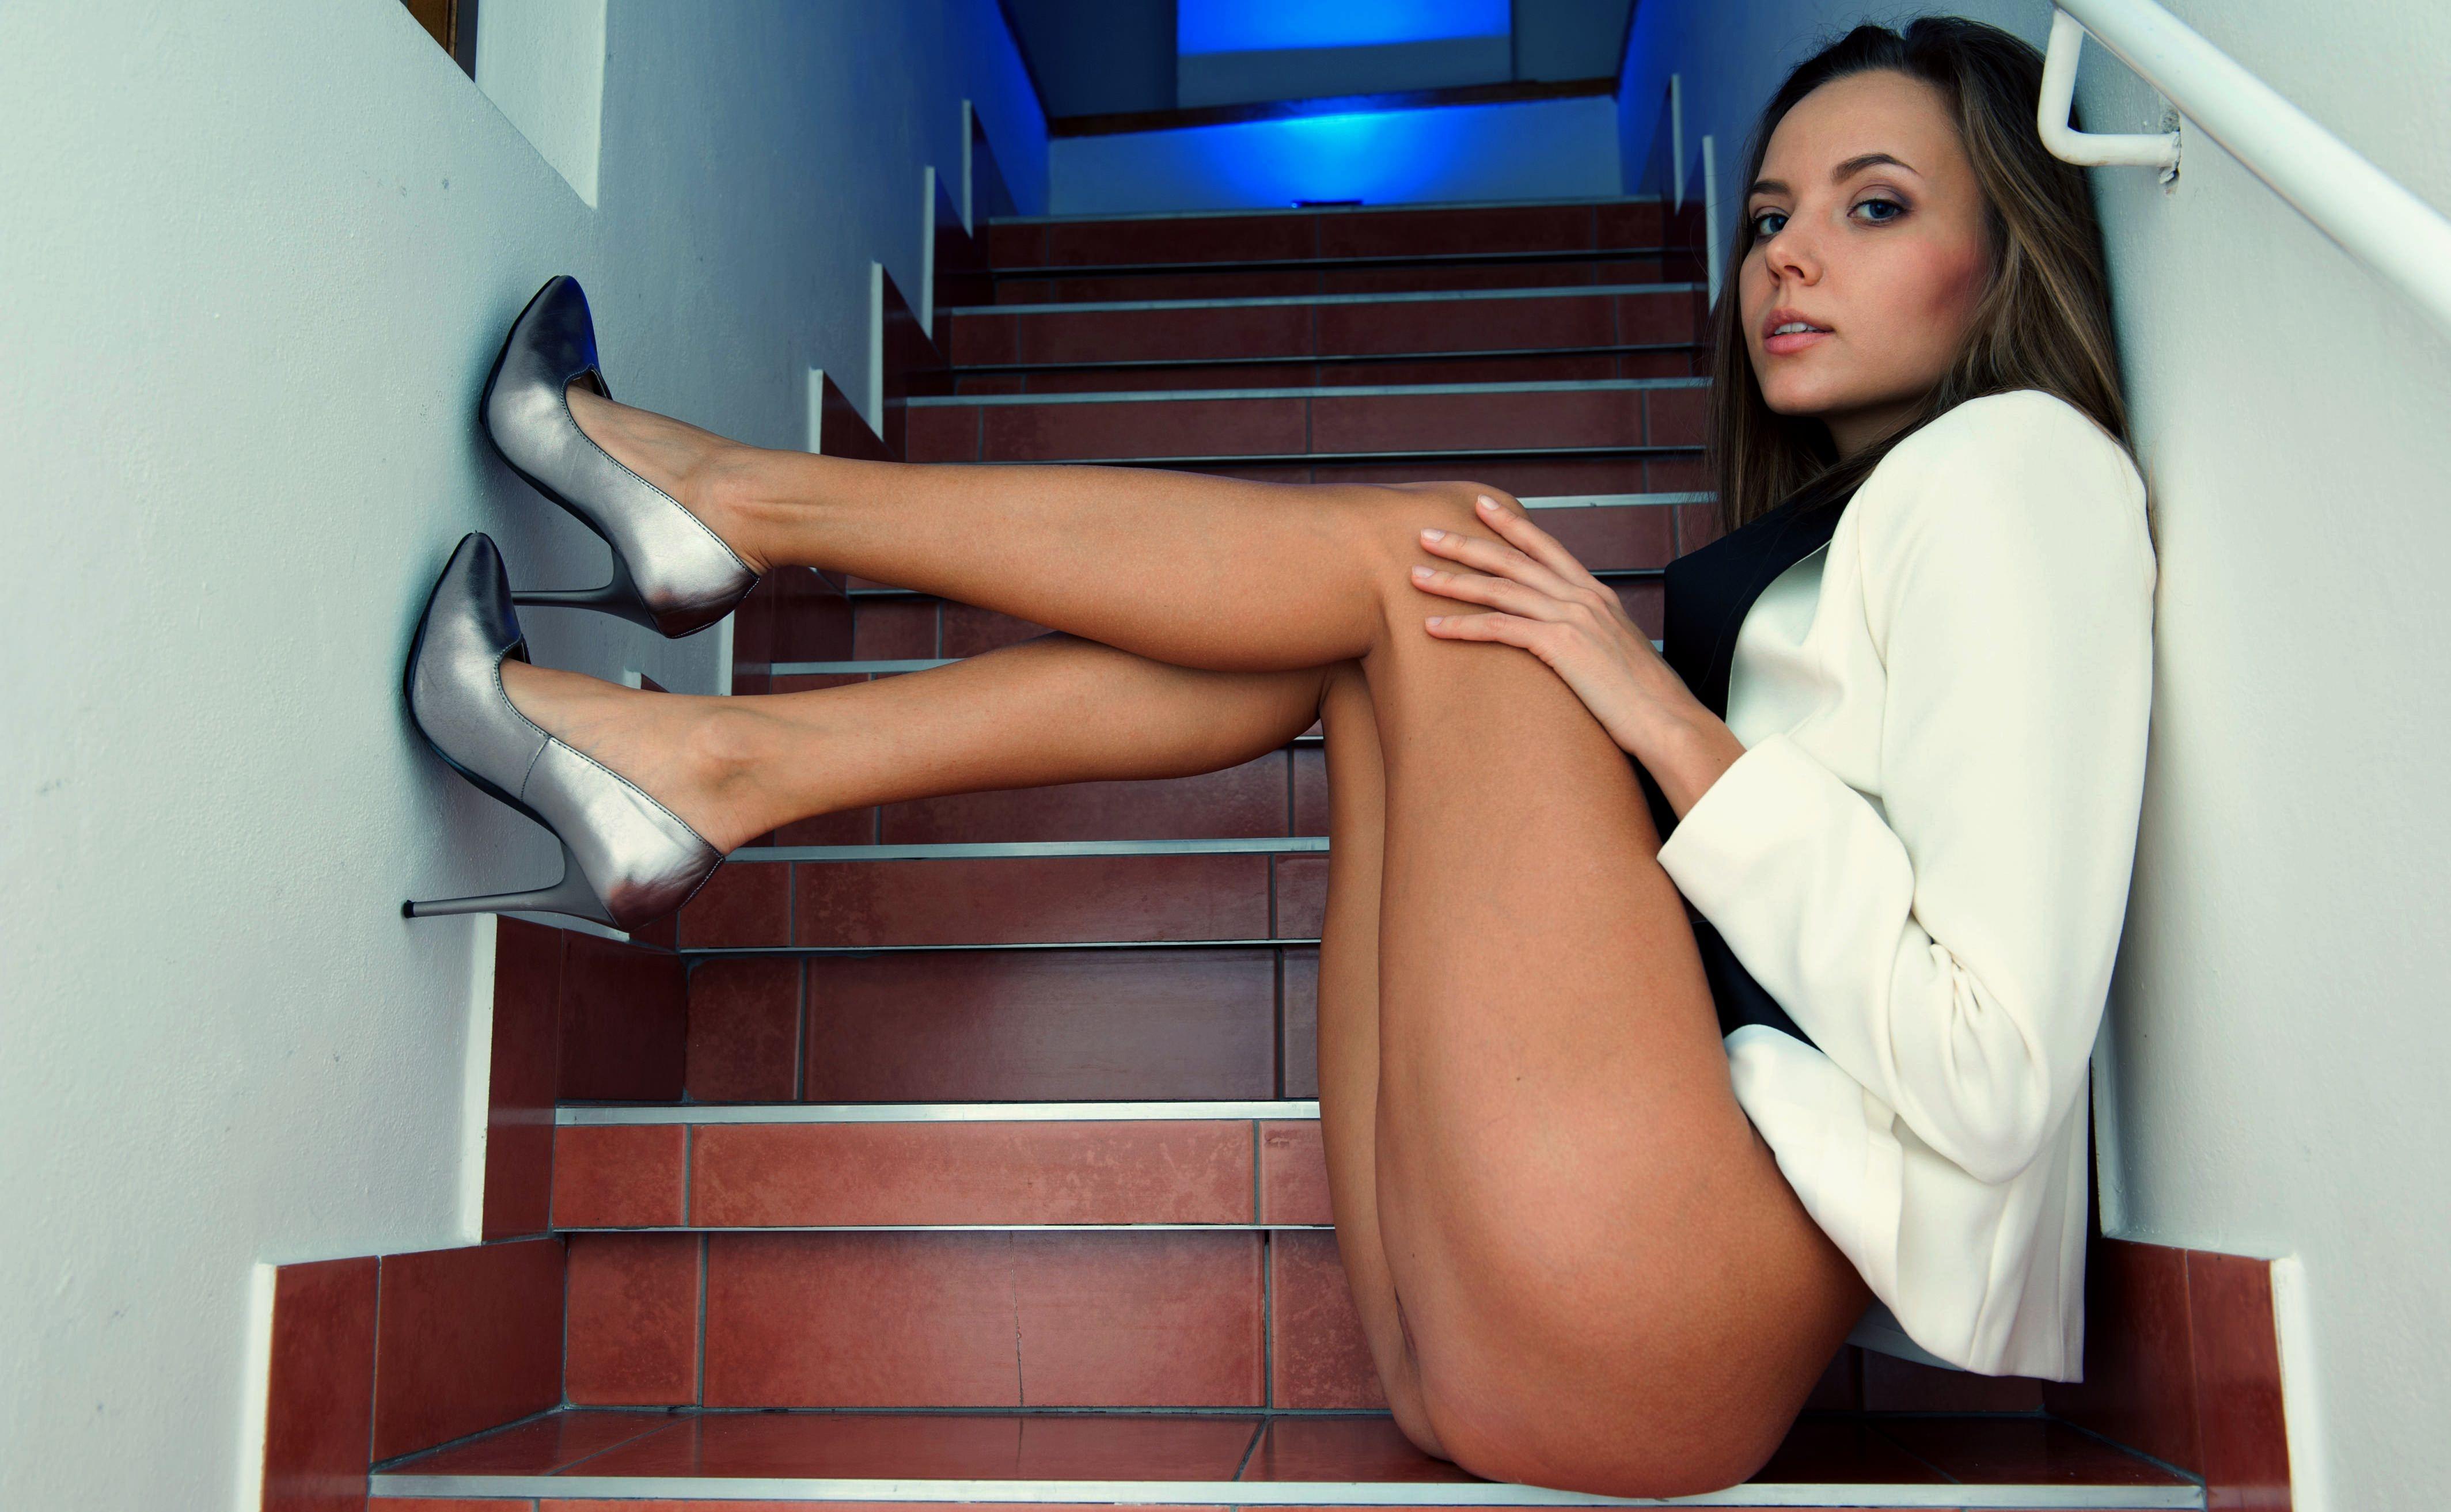 Фото Красавица без трусиков на лестнице в доме, красивая сексуальная девушка в белом пиджаке мило сидит на ступенях, красивые нежные ножки, загорелые сексуальные ножки, прекрасные бедра, серебристые туфли. Beautiful girl on the ladder, sexy naked legs, white blazer, jacket, tanned legs, silver high heels, beauty, скачать картинку бесплатно